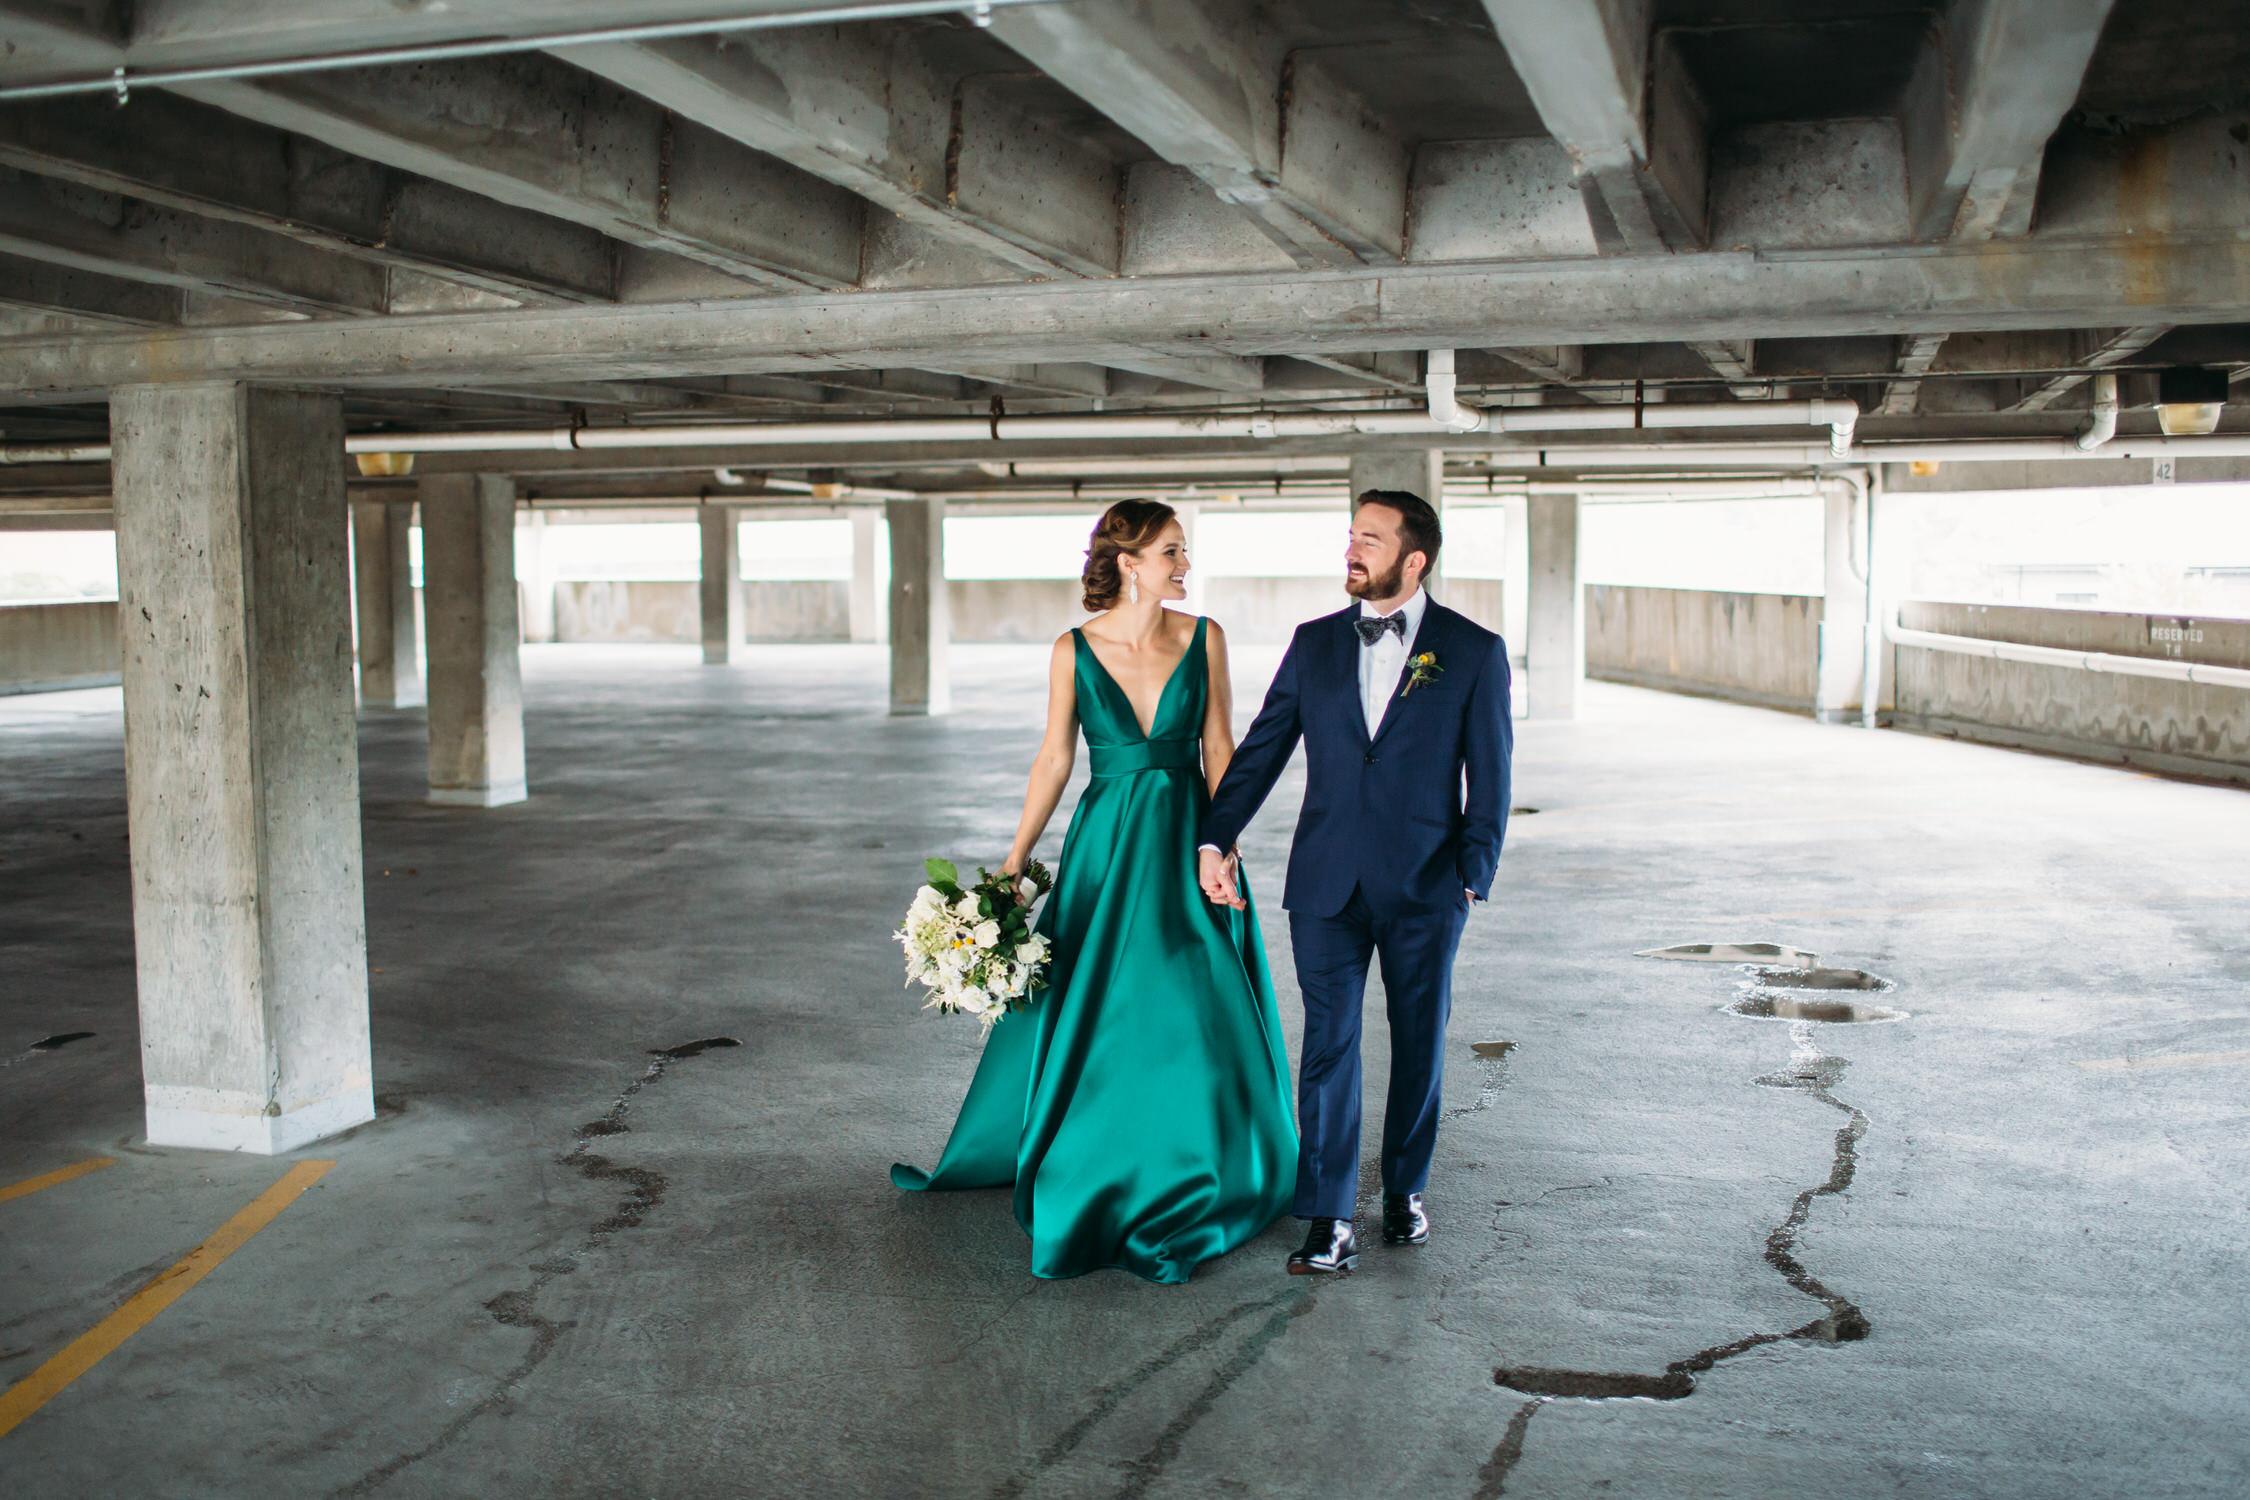 green wedding dress, st louis city wedding photographer